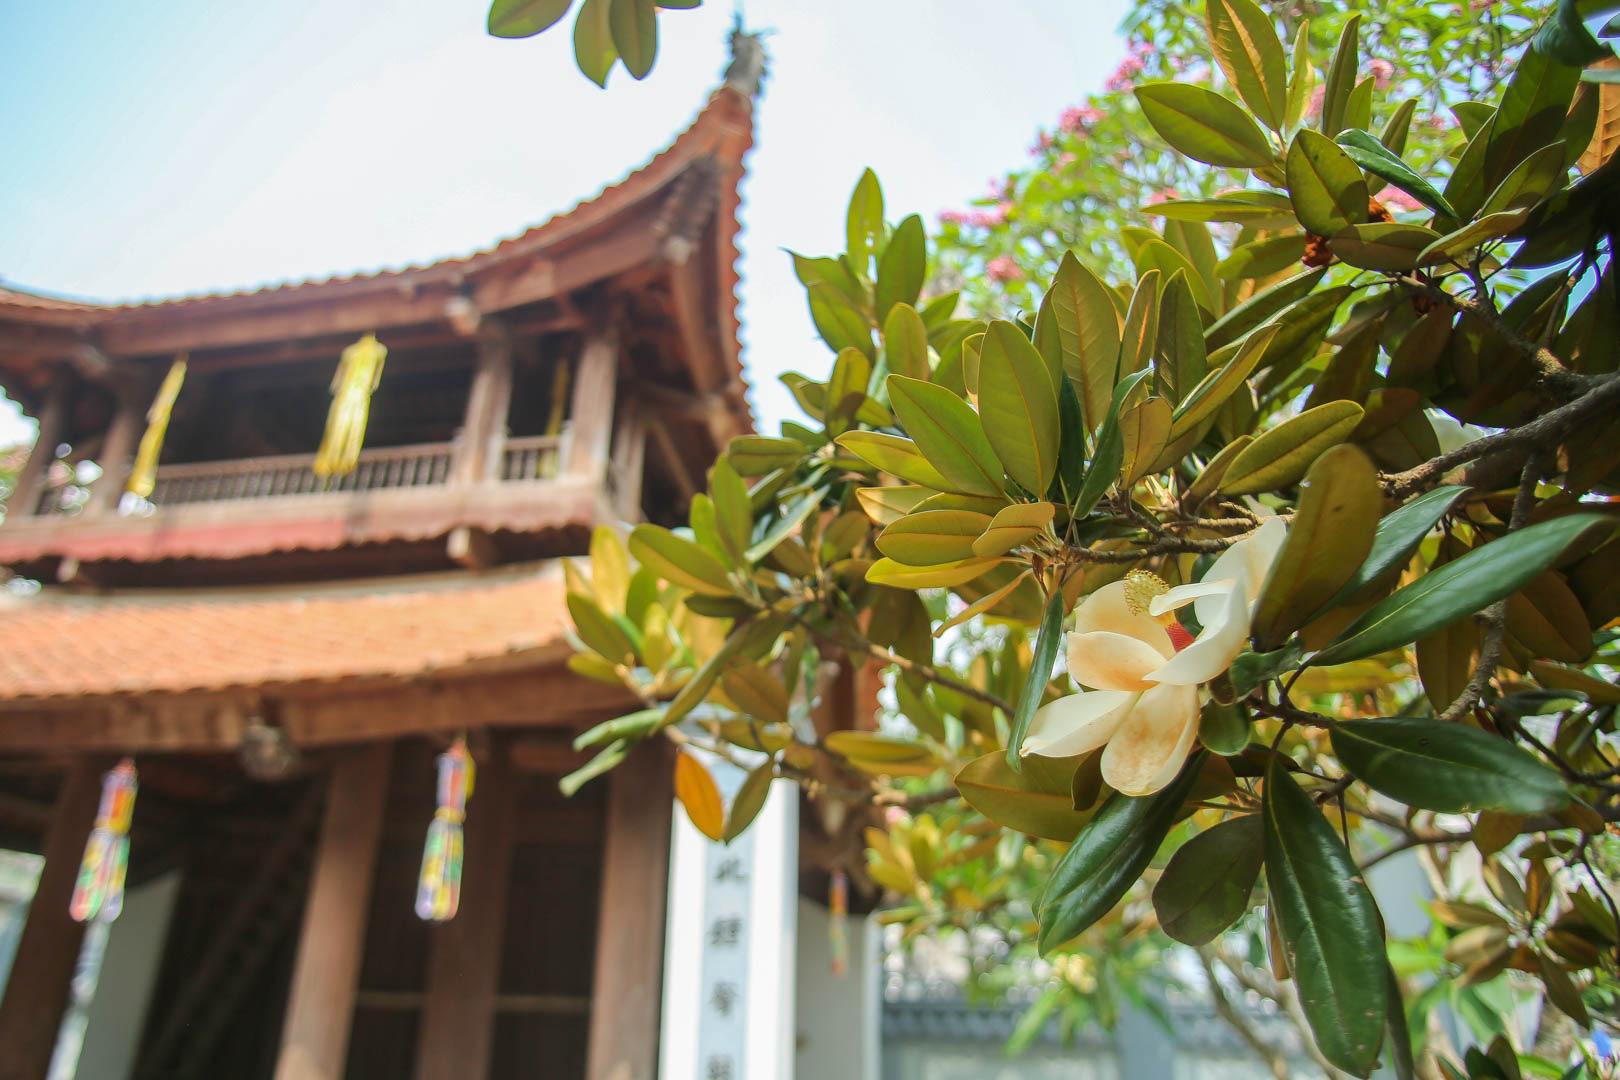 Kỳ lạ đóa sen nằm trên cạn, tỏa hương thơm ngát ngôi chùa trăm năm tuổi - Ảnh 5.